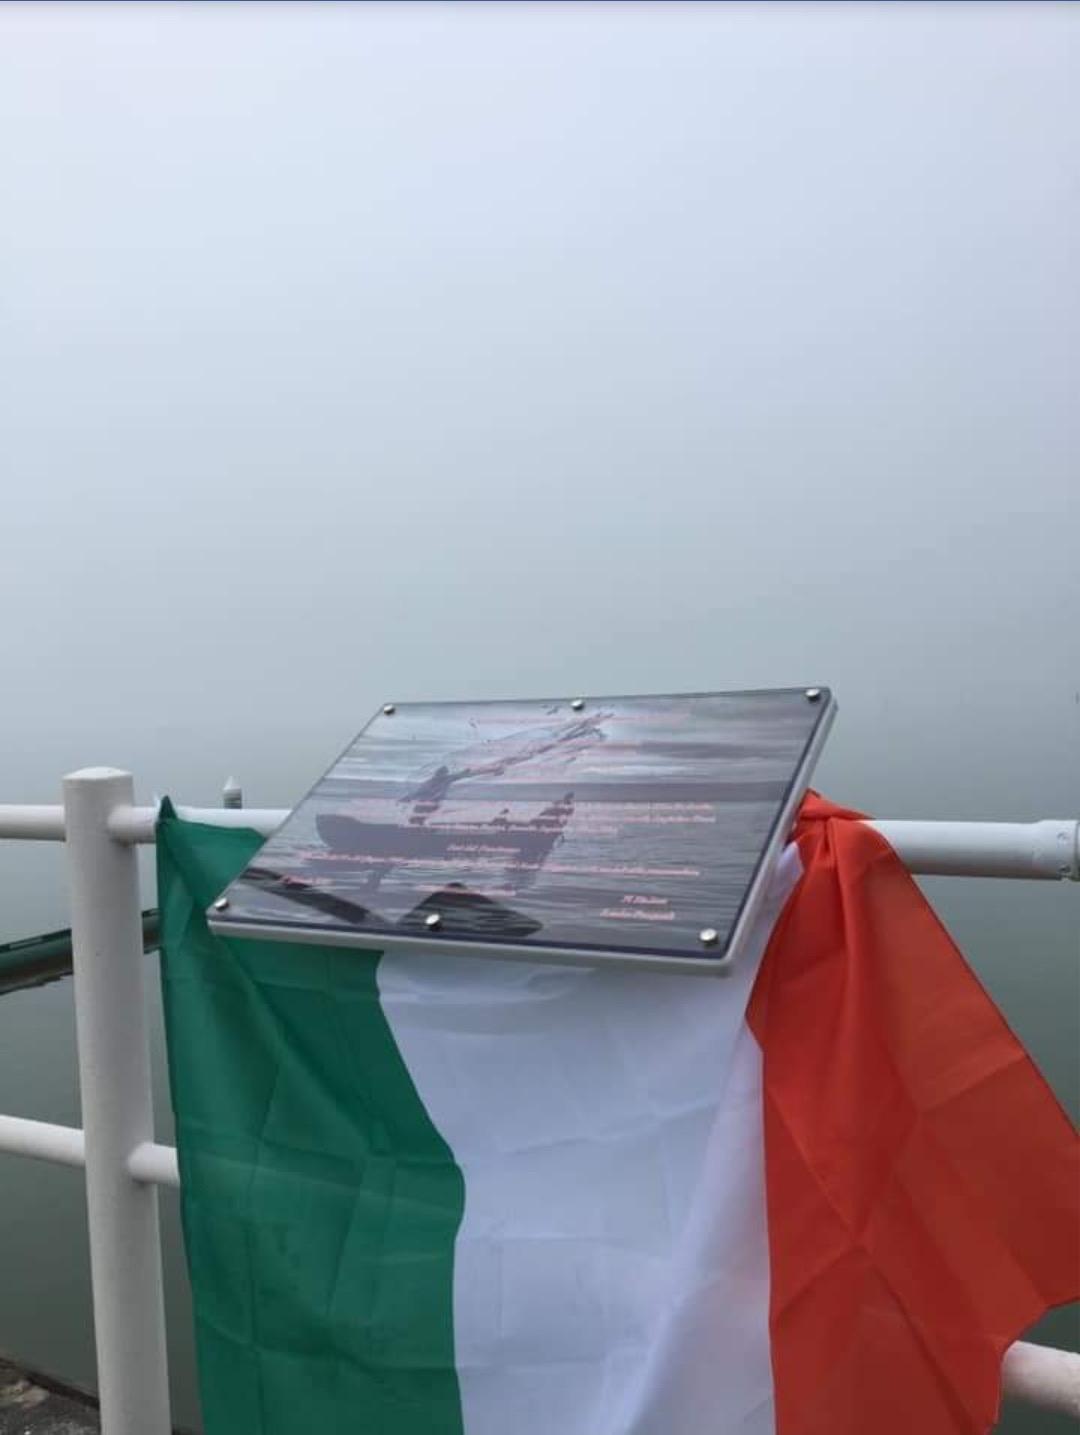 Targa in memoria di Don Ottavio Posta, Giusto fra le Nazioni, e dei 15 pescatori